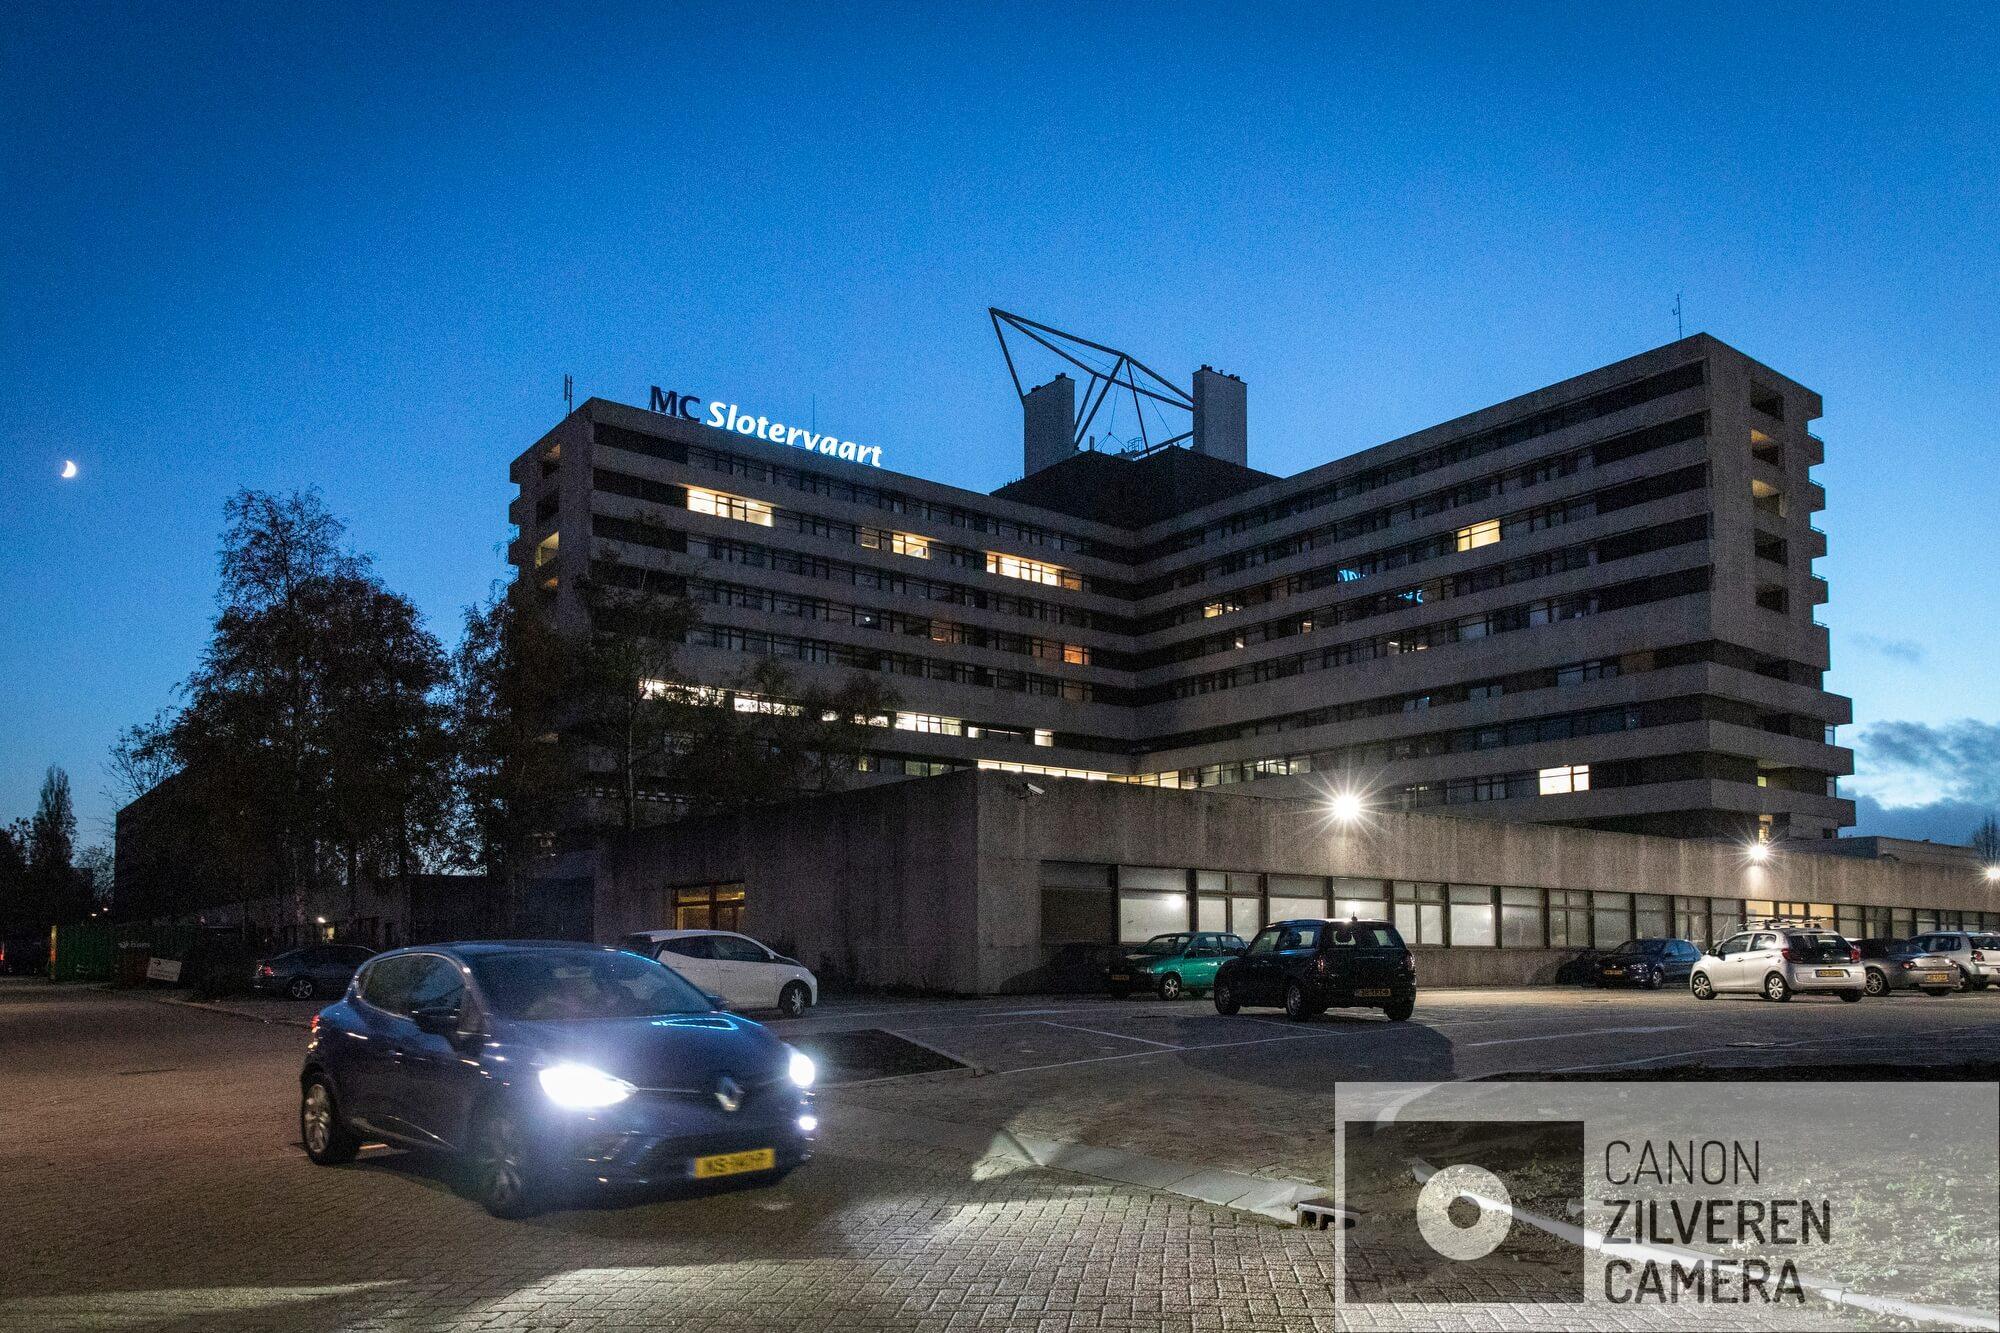 Amsterdam, 13 november 2018 - MC SLOTERVAART. Een doorstart van MC Slotervaart is niet mogelijk. De curatoren hebben het mislukken van de onderhandelingen vanmiddag in Amsterdam bekendgemaakt op een personeelsbijeenkomst. Het betekent dat het ziekenhuis en alle poliklinieken gaan sluiten. Foto Dingena Mol